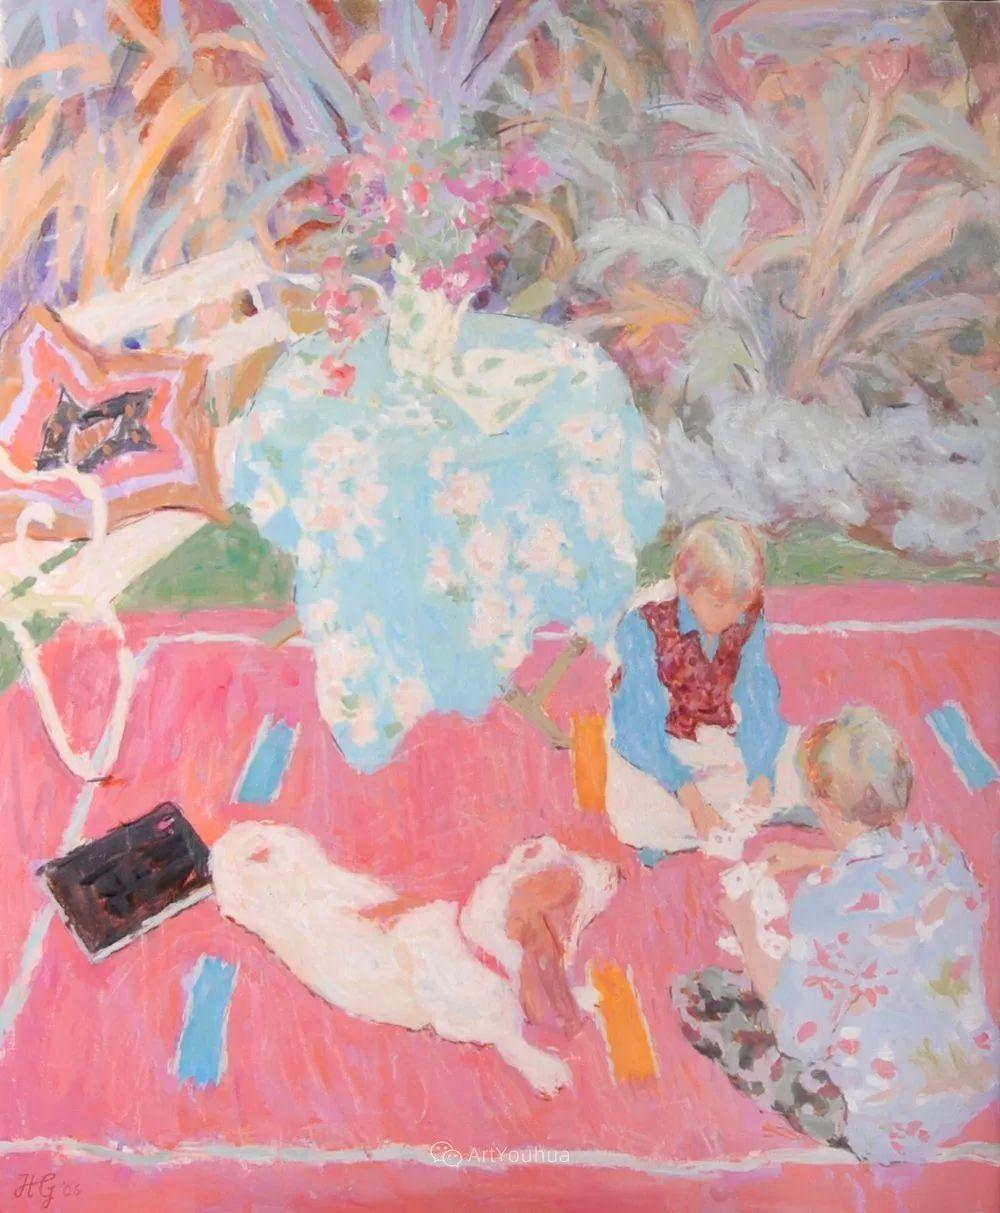 色彩和阳光的交响曲,英国著名浪漫主义画家:雨果·格伦维尔 150幅插图40